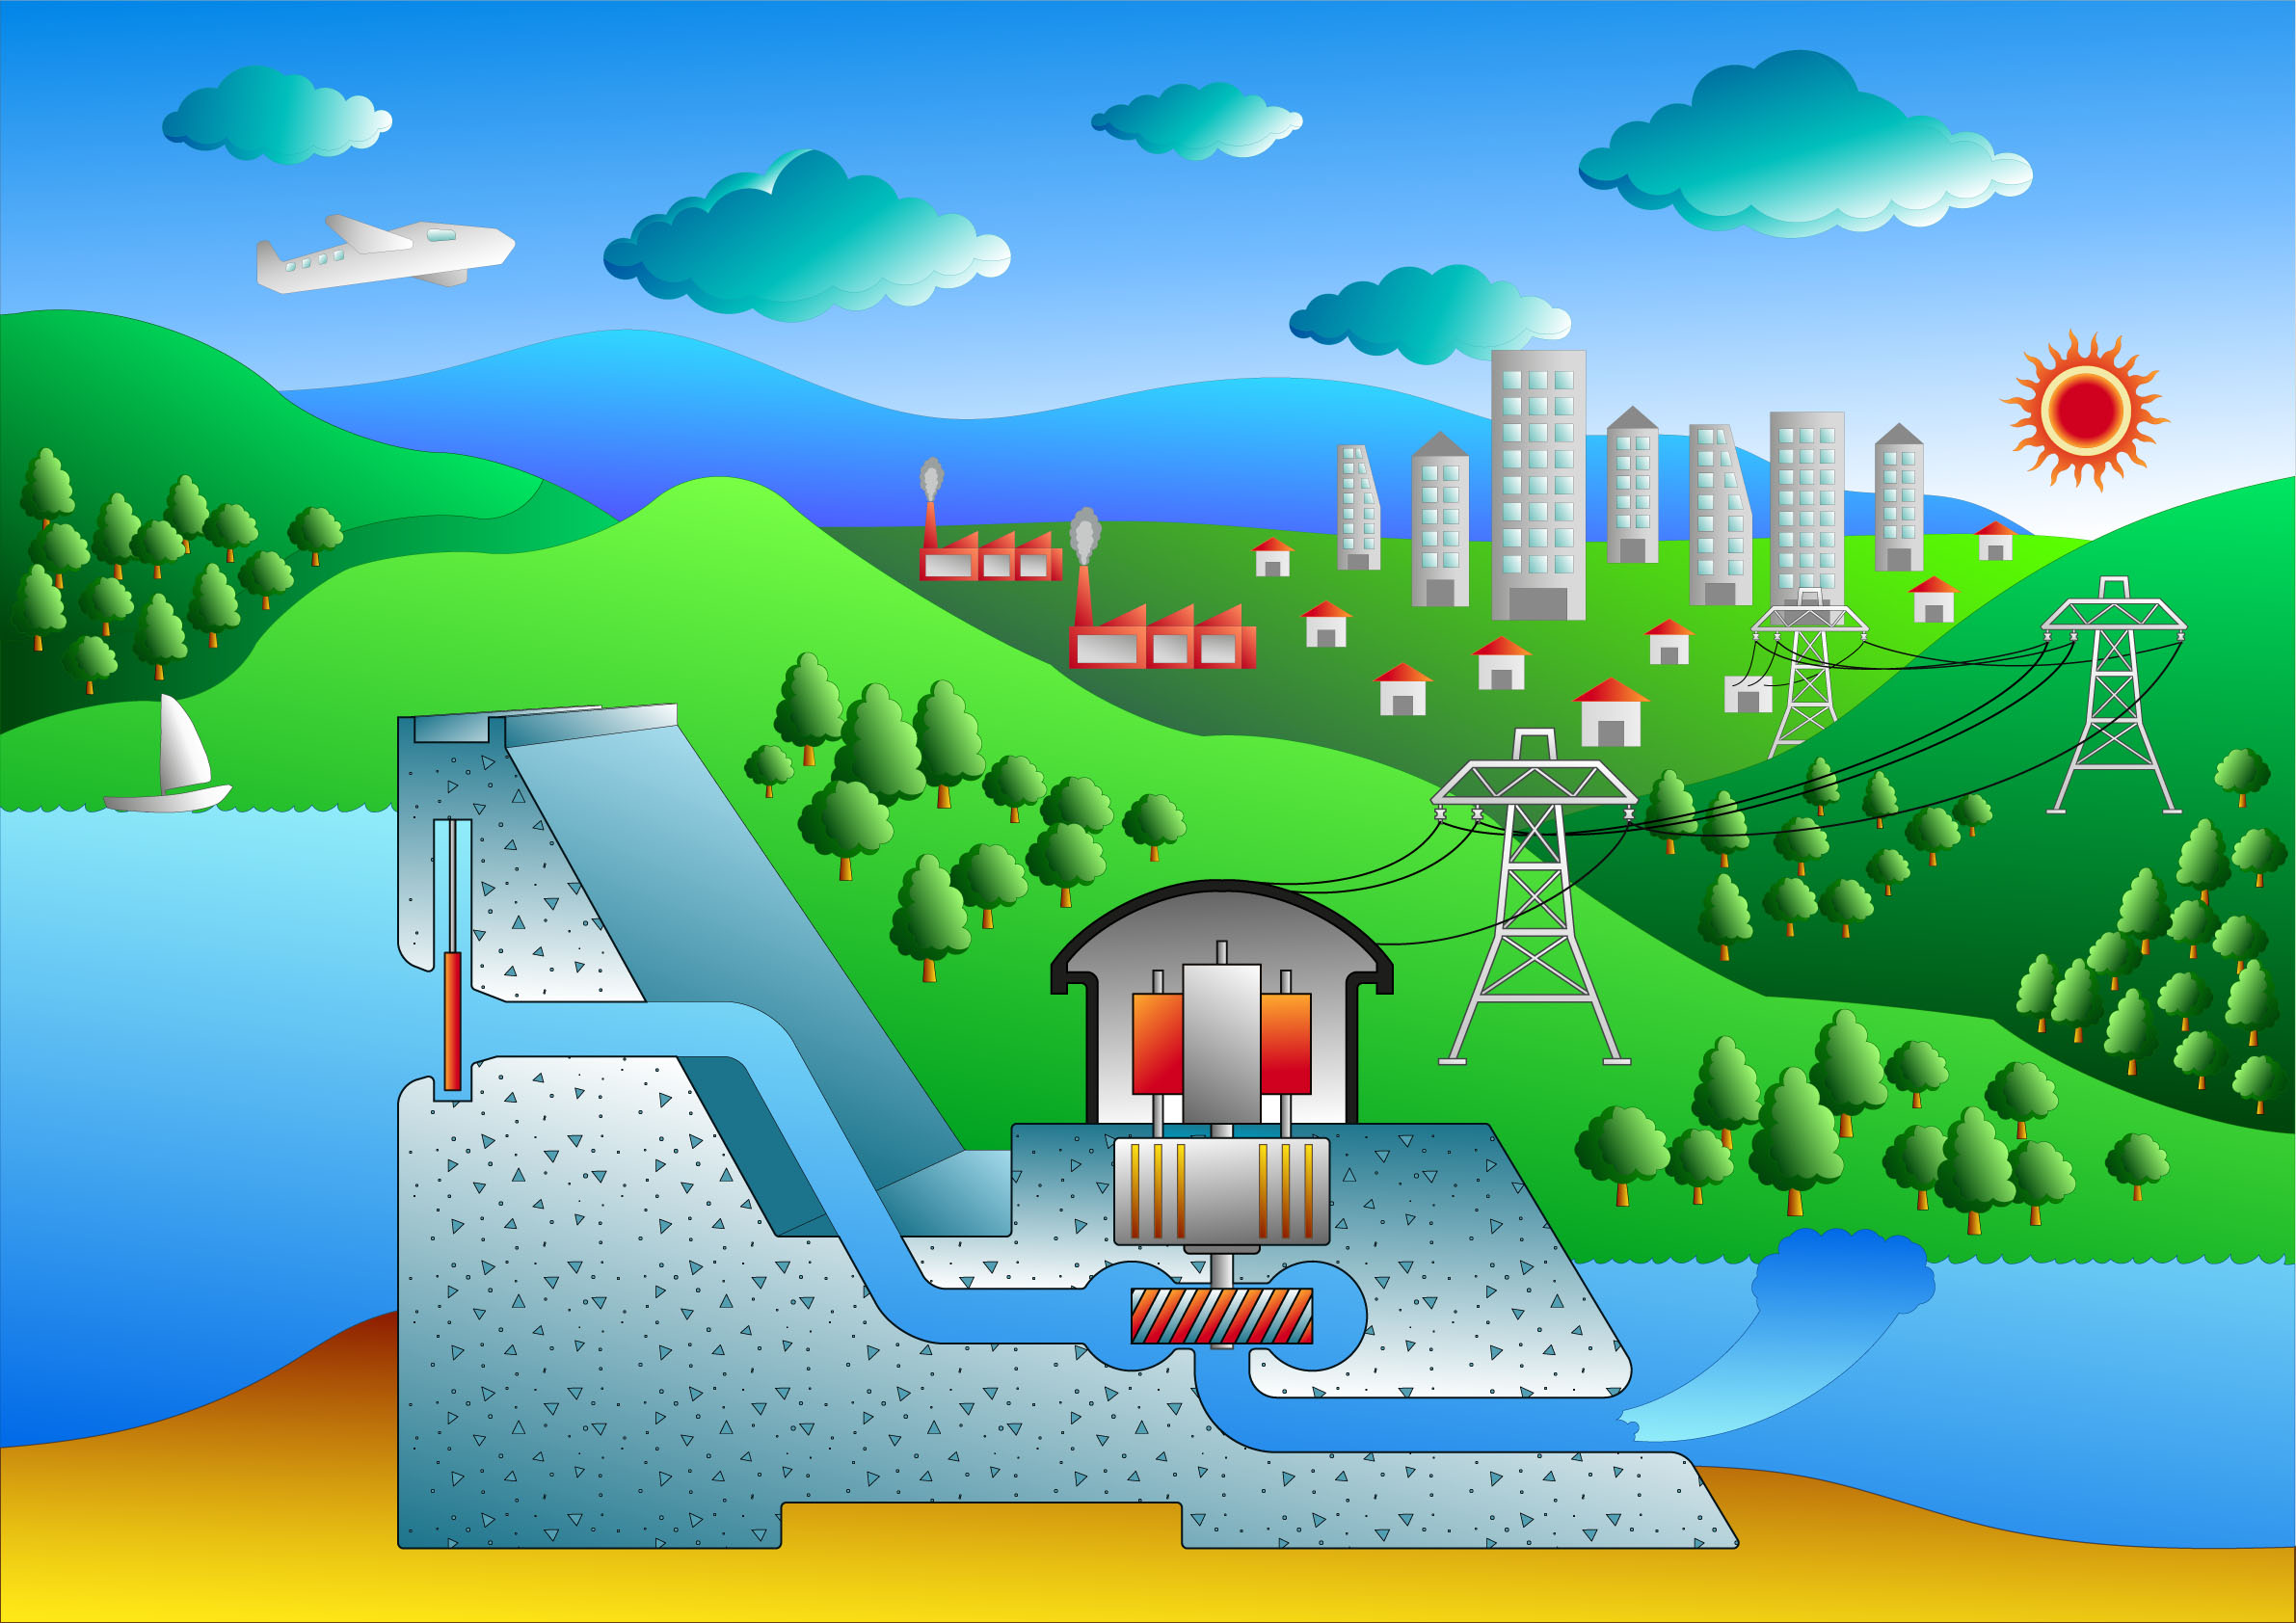 data-cke-saved-src=http://www.bilimgenc.tubitak.gov.tr/sites/default/files/alternatif_enerji_kaynaklari_ve_turkiye_hidroelektrik_santralleri.jpg